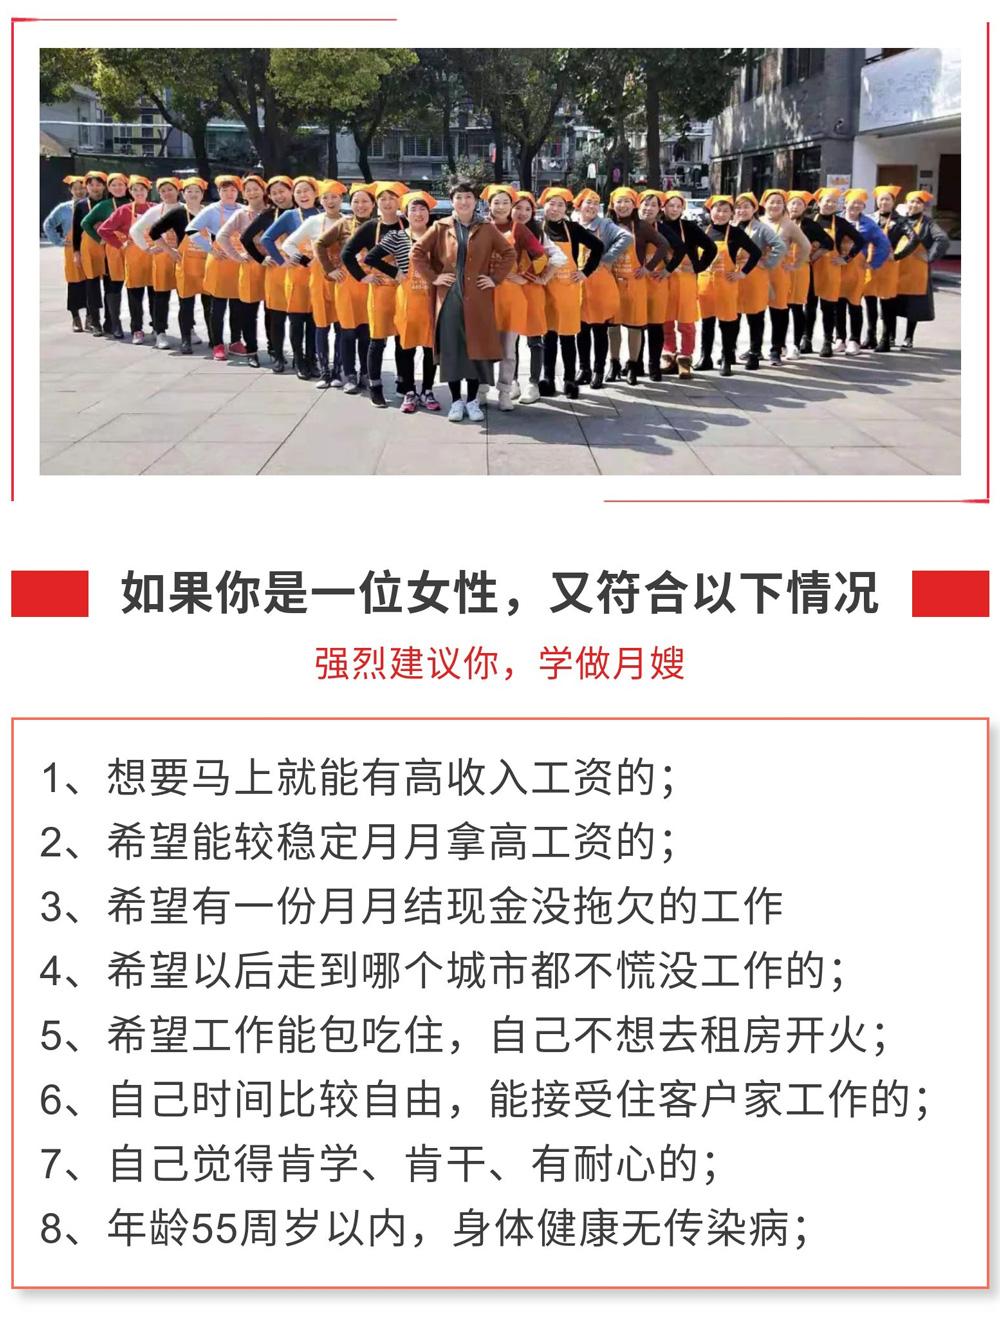 月嫂培训_杭州上城职业培训证书-杭州牵爱母婴服务有限公司